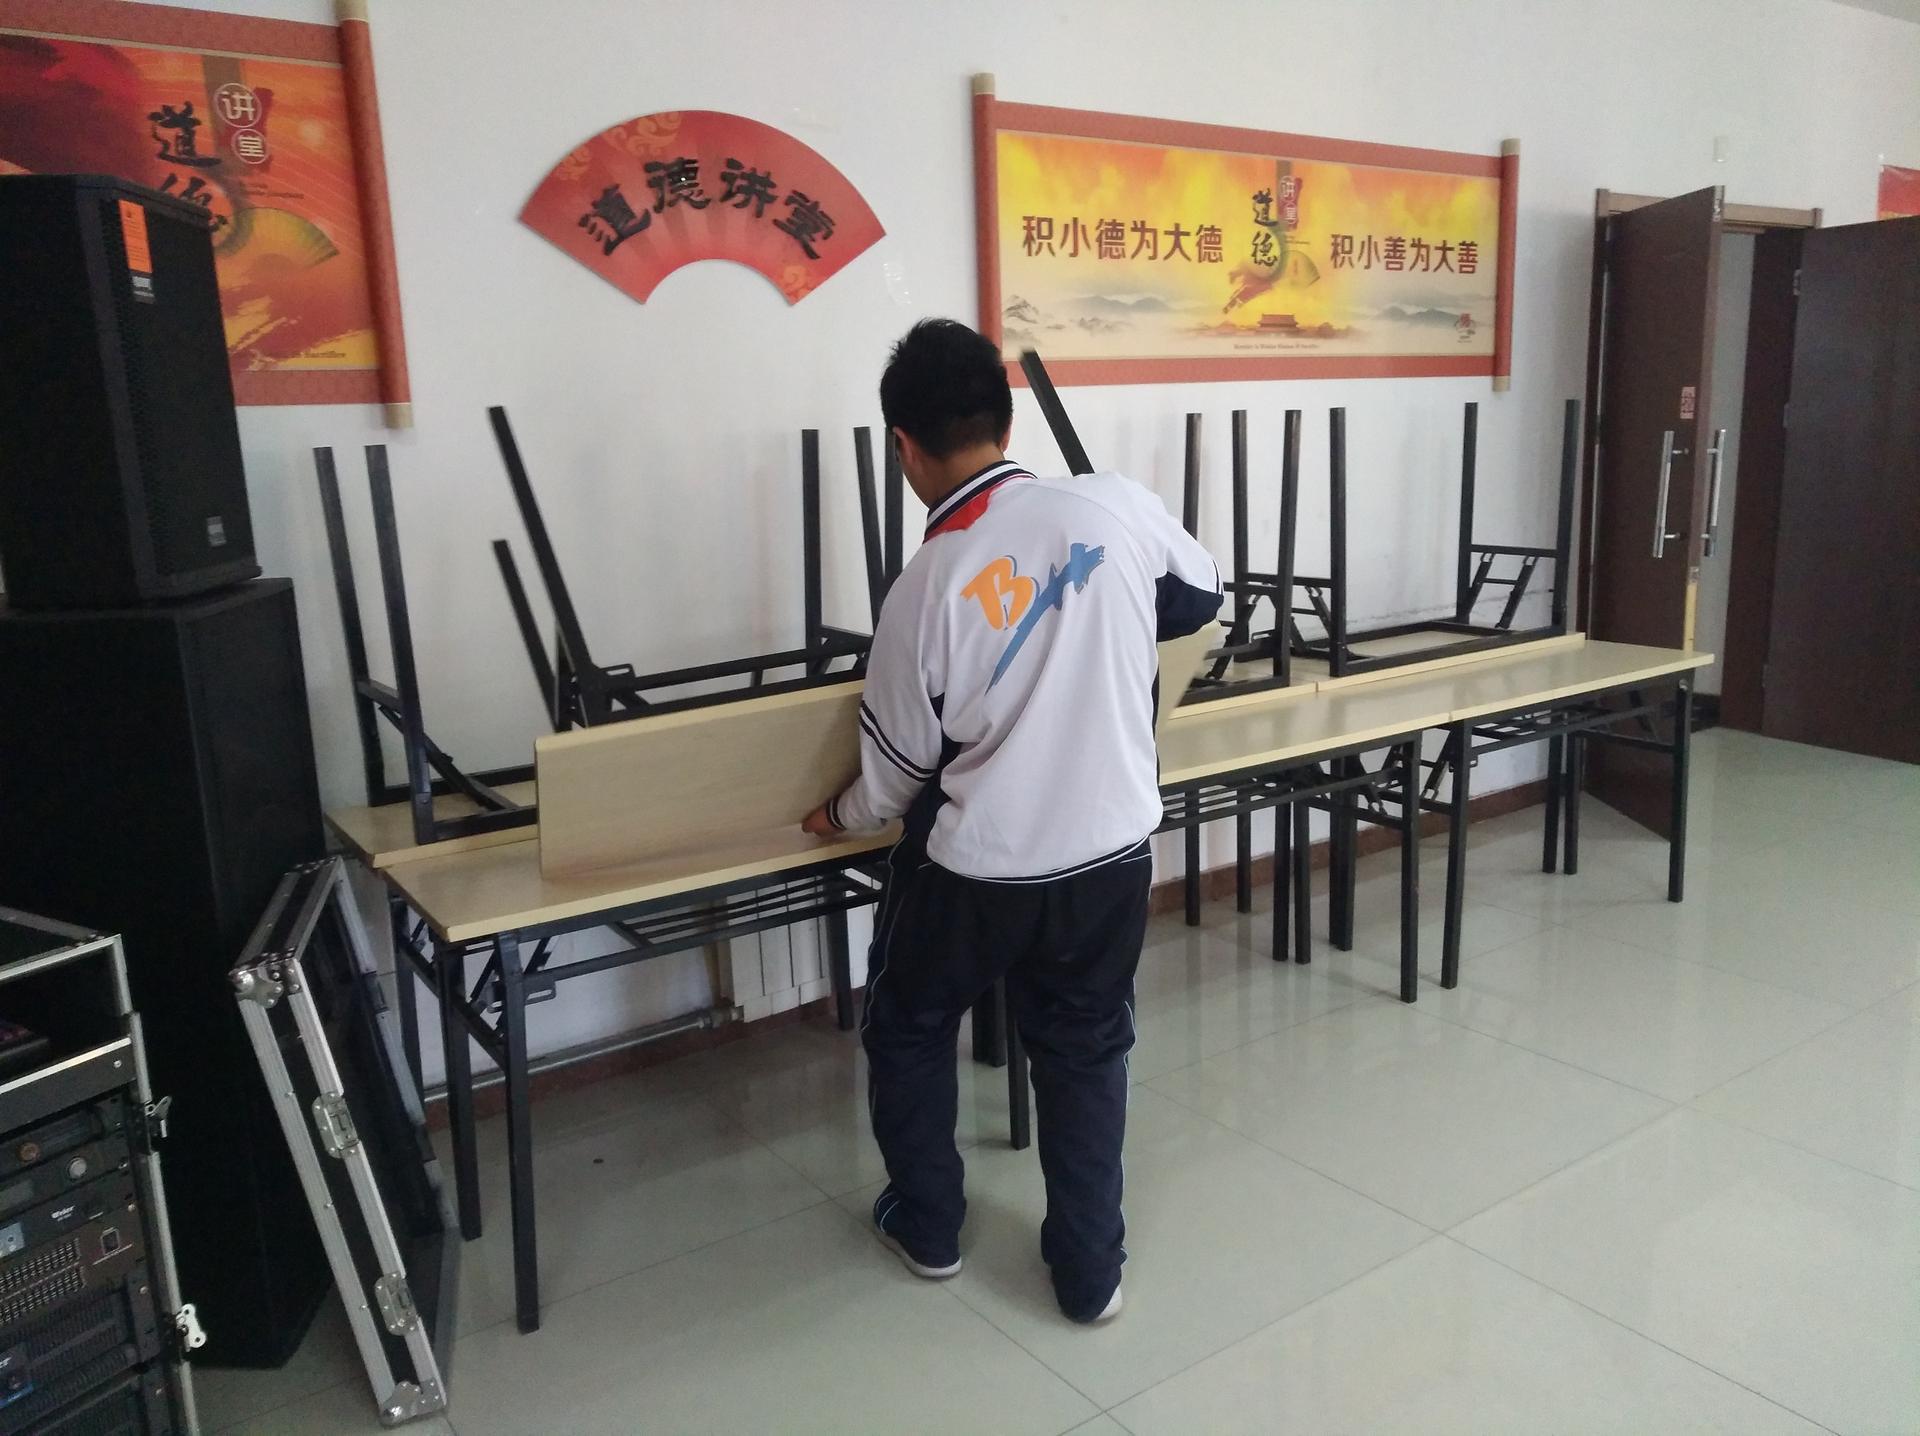 学雷锋社区志愿服务1.jpg